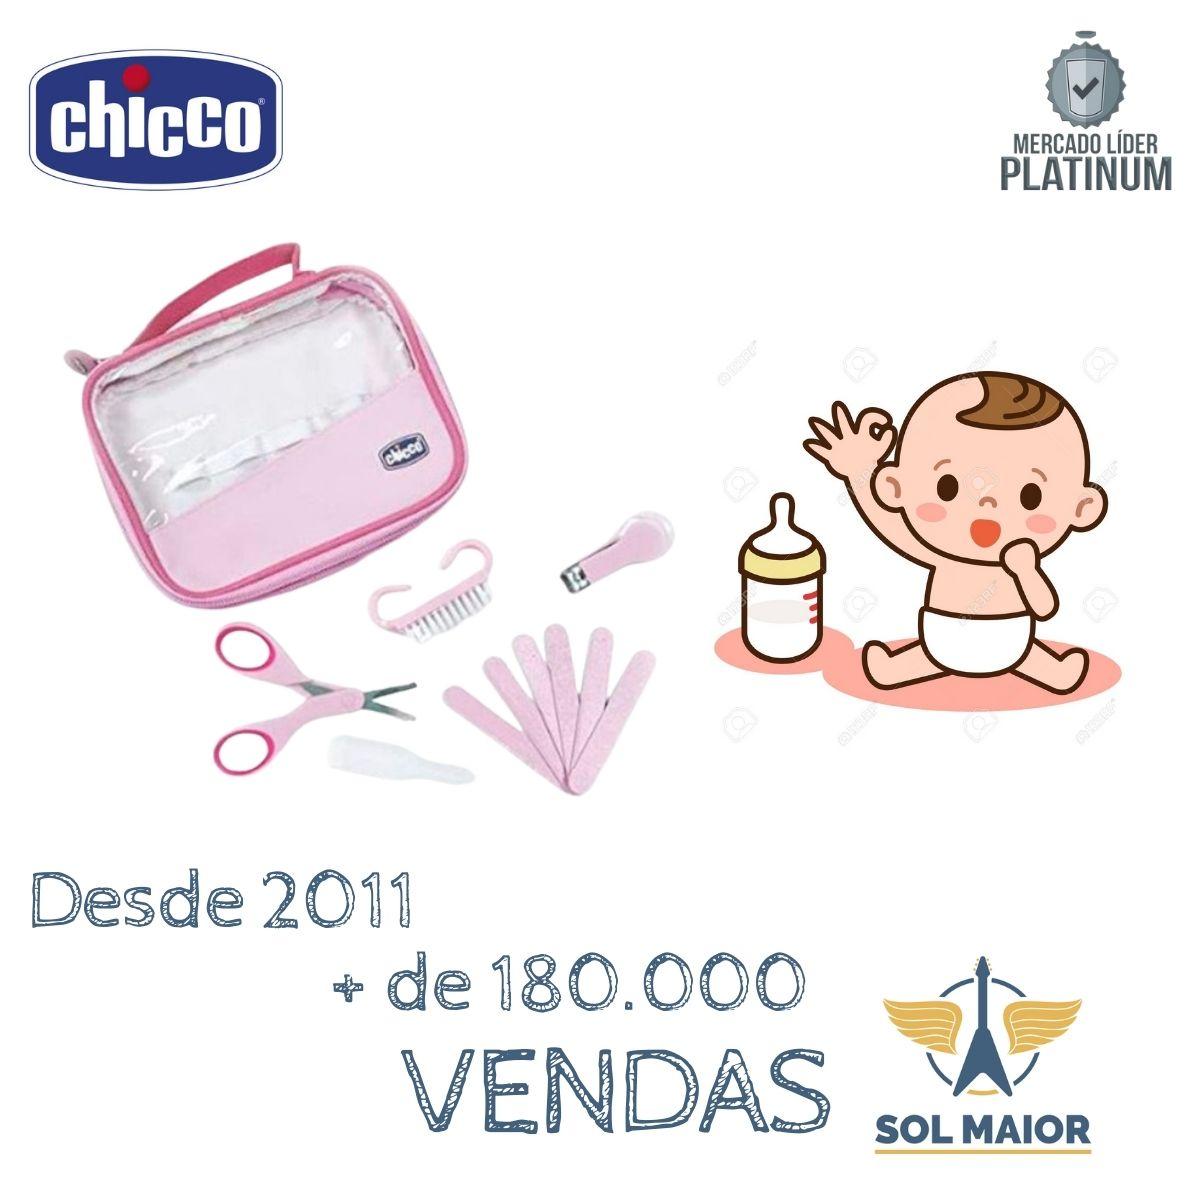 Kit Cuidados E Higiene Do Bebê Manicure Completa Chicco Rosa